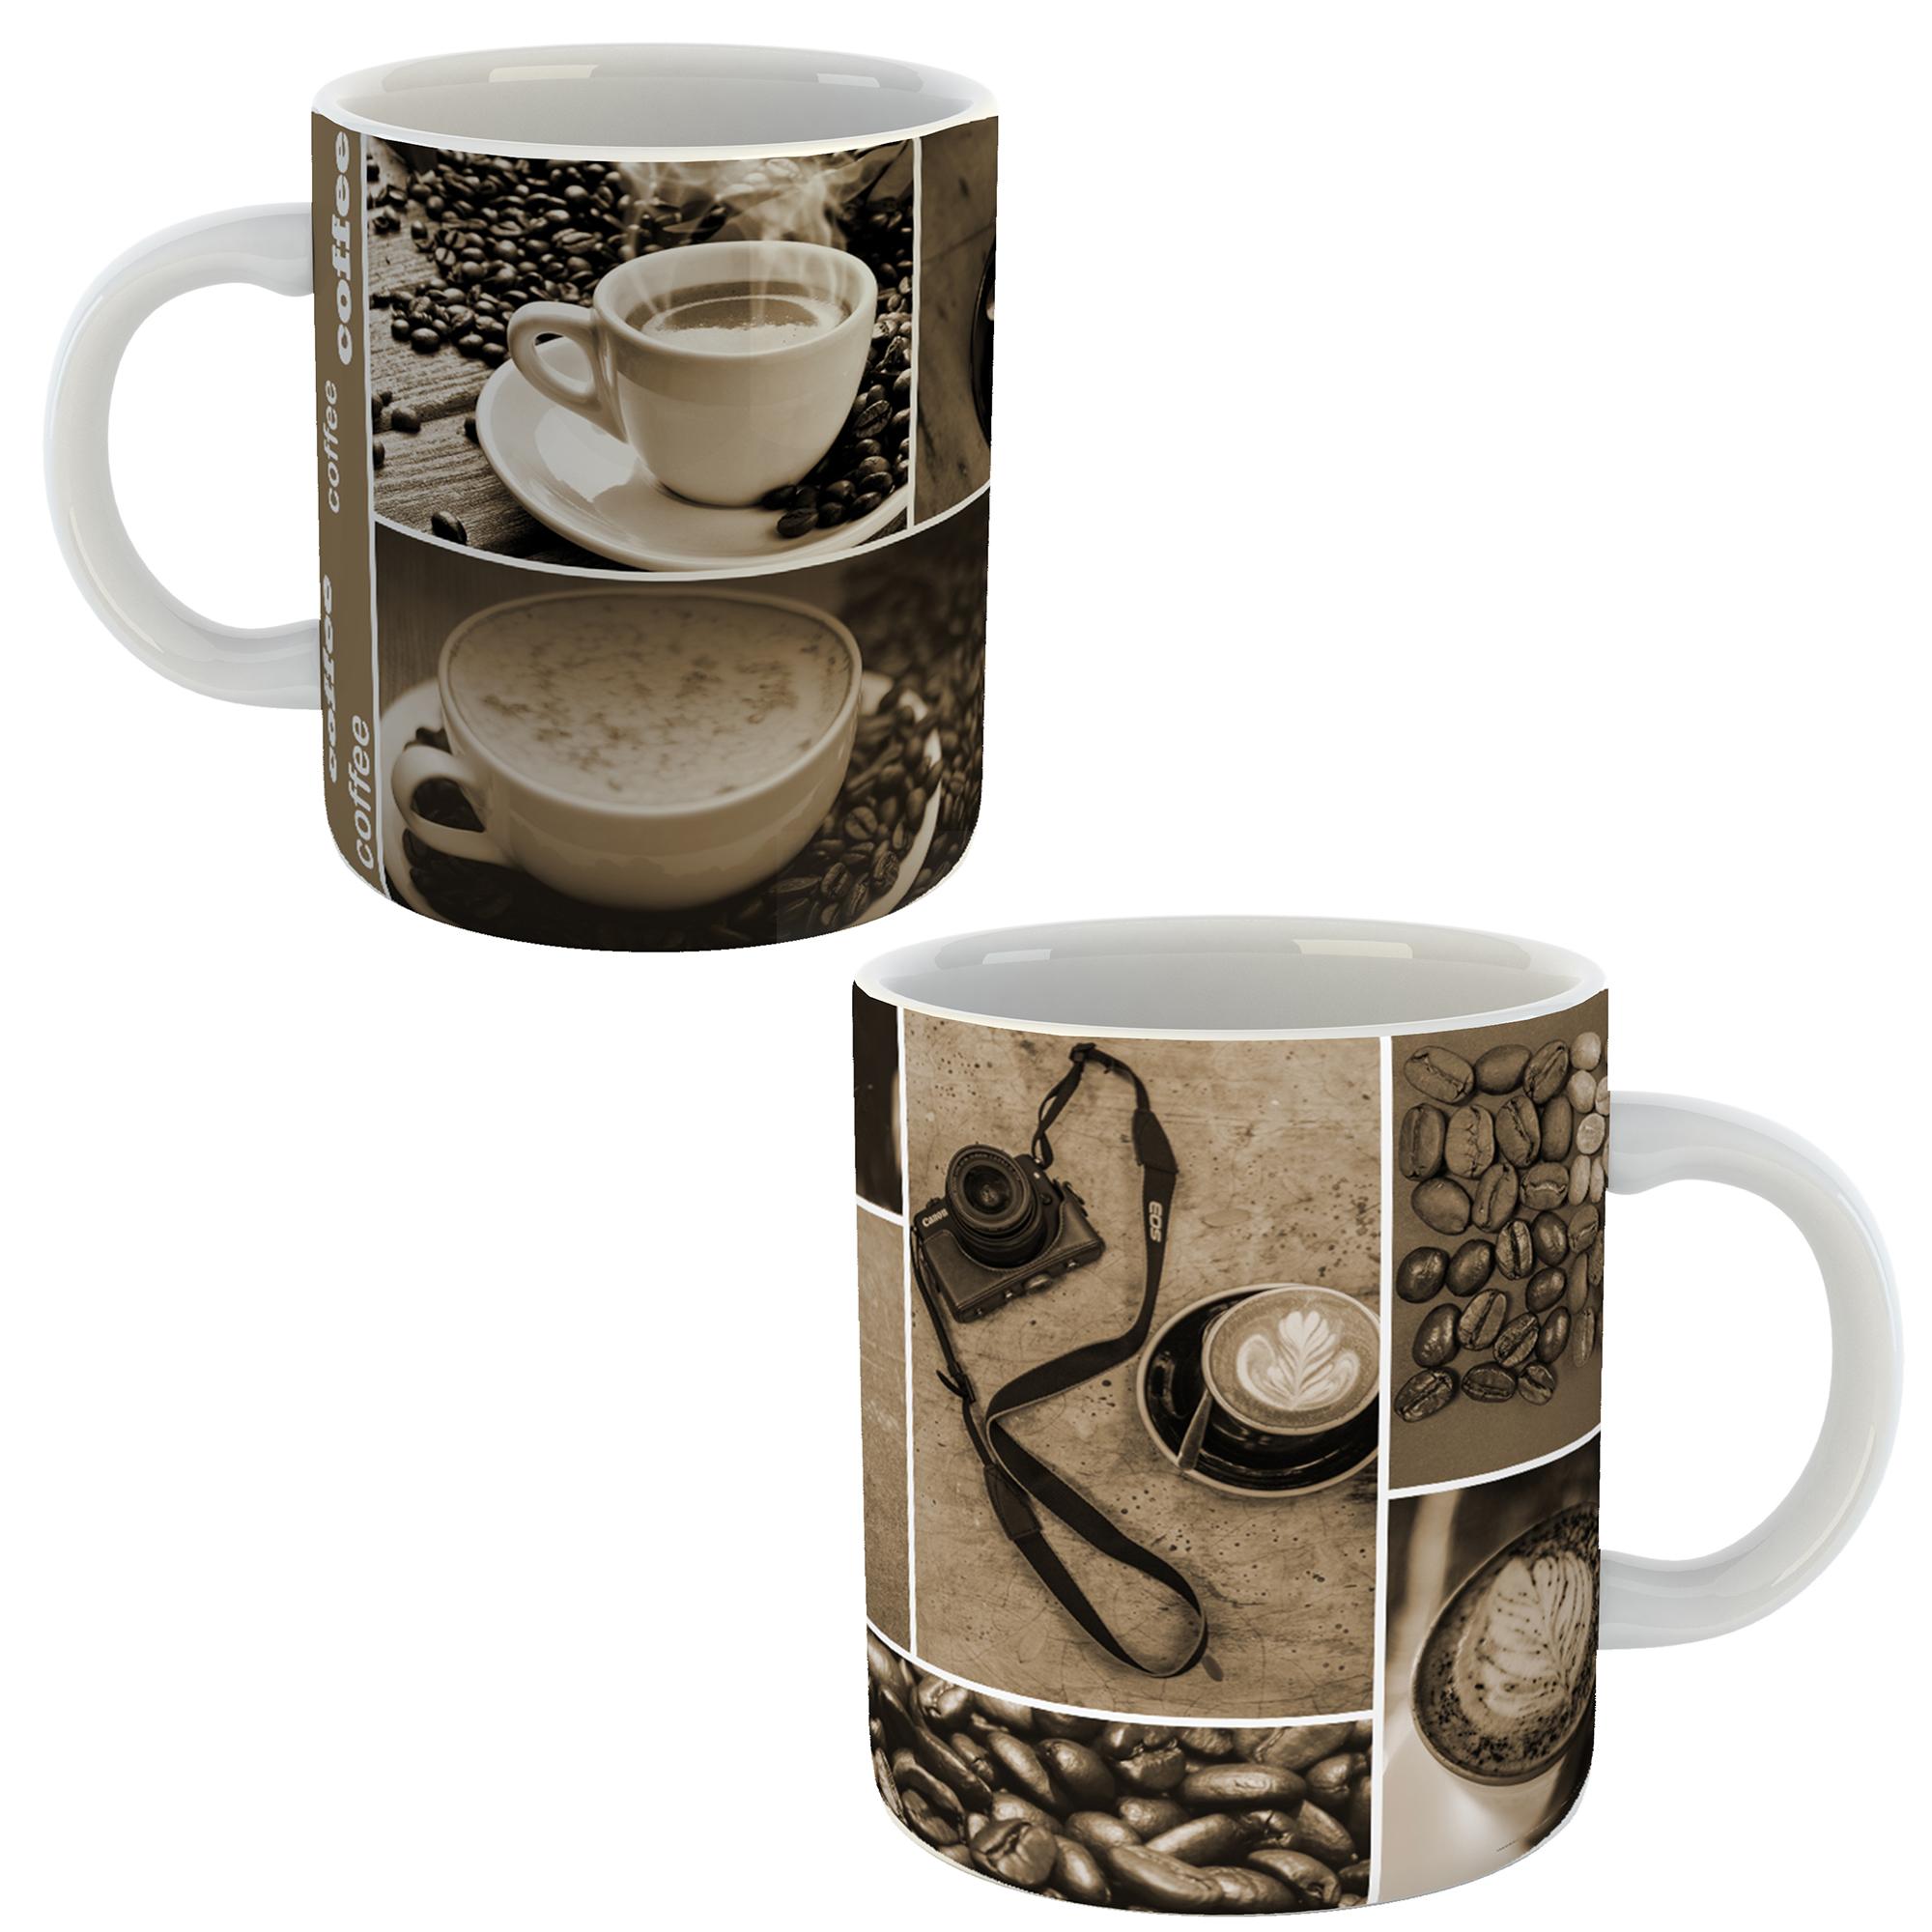 عکس ماگ طرح قهوه 345 بسته 2 عددی